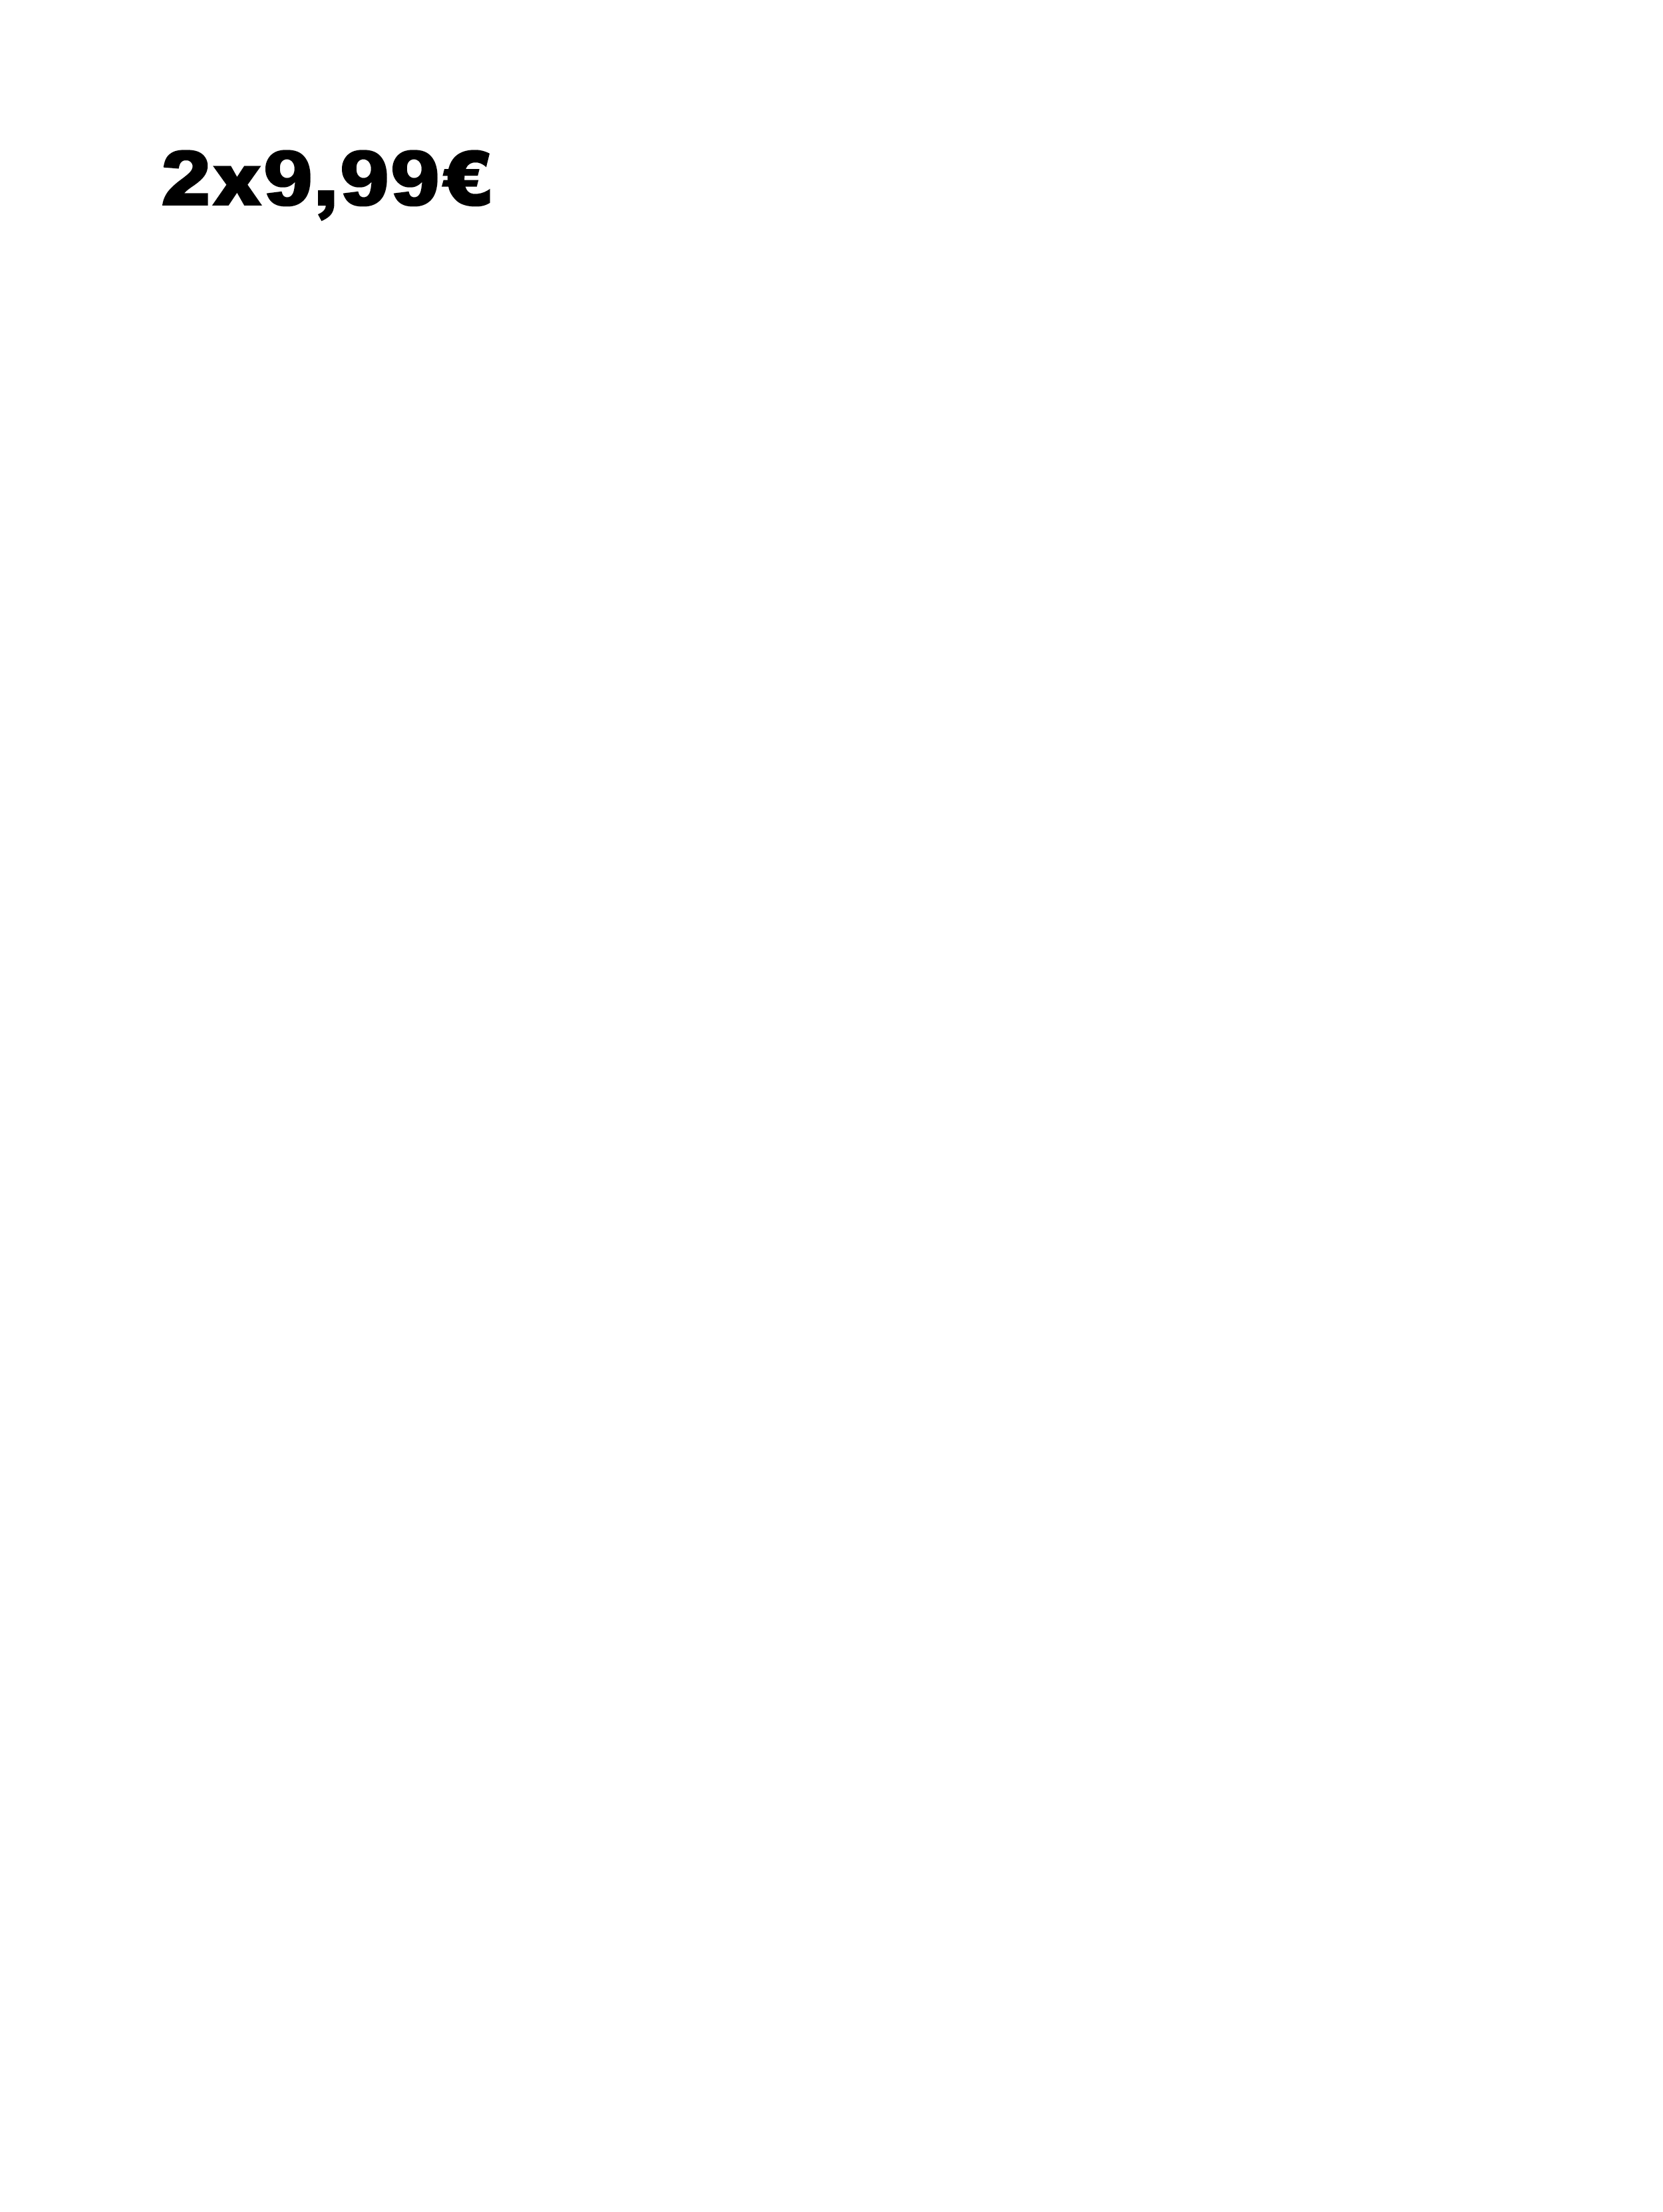 2X9.99 ITA